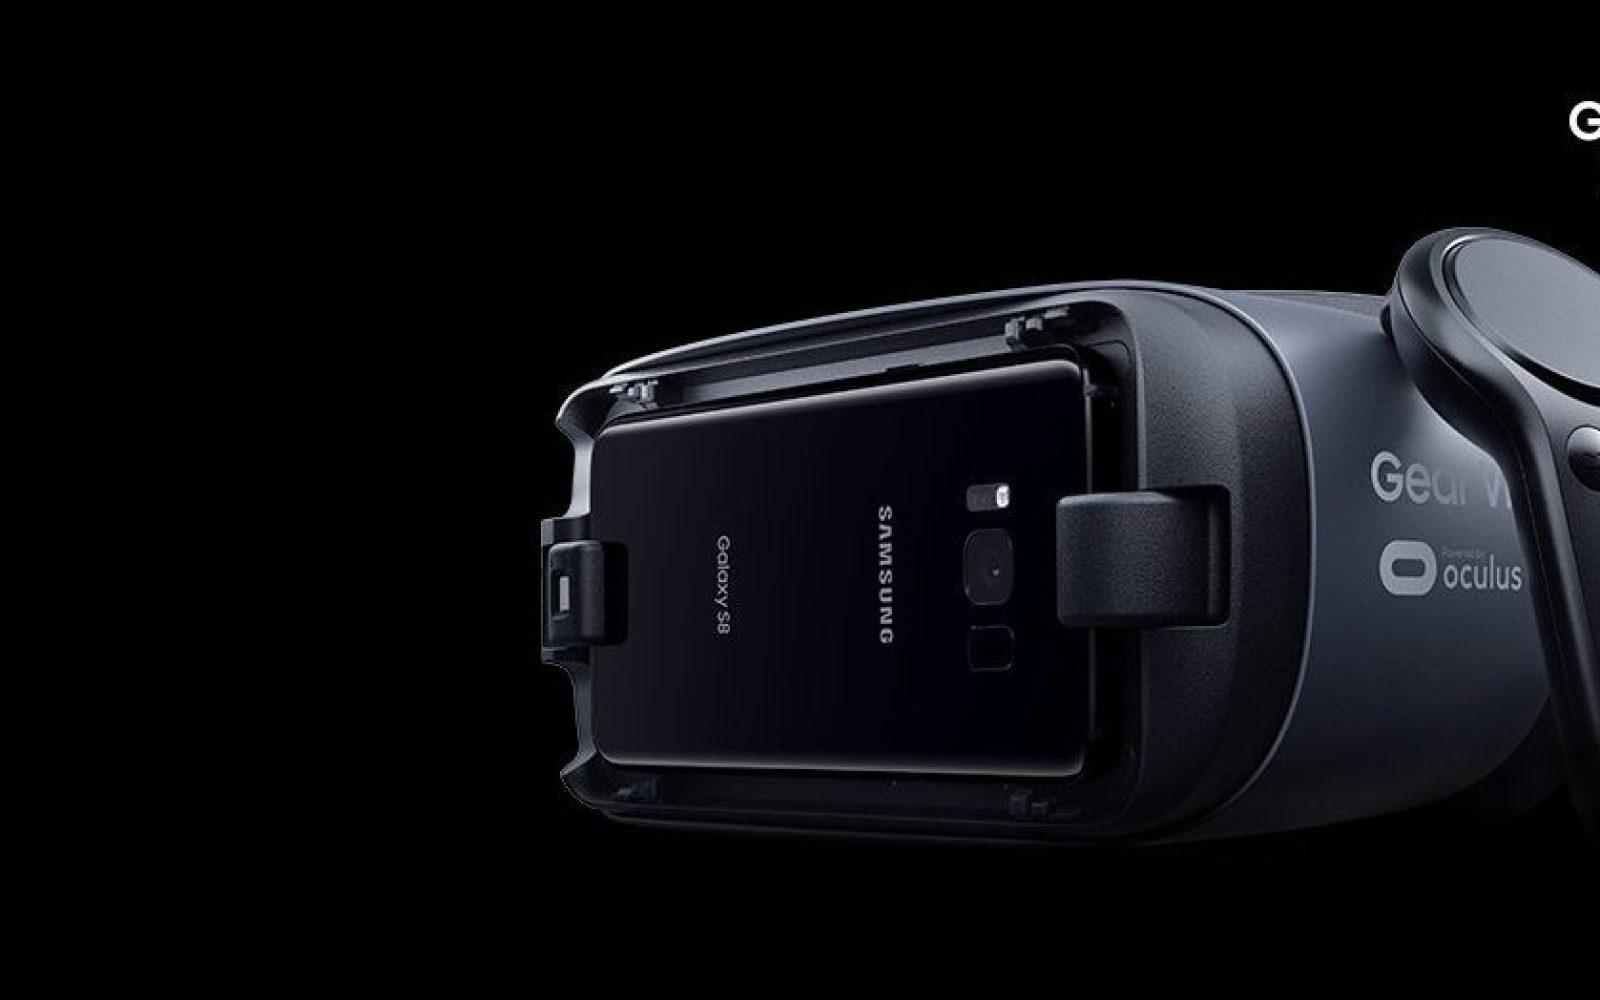 Gear VR funcionando con un celular Samsung